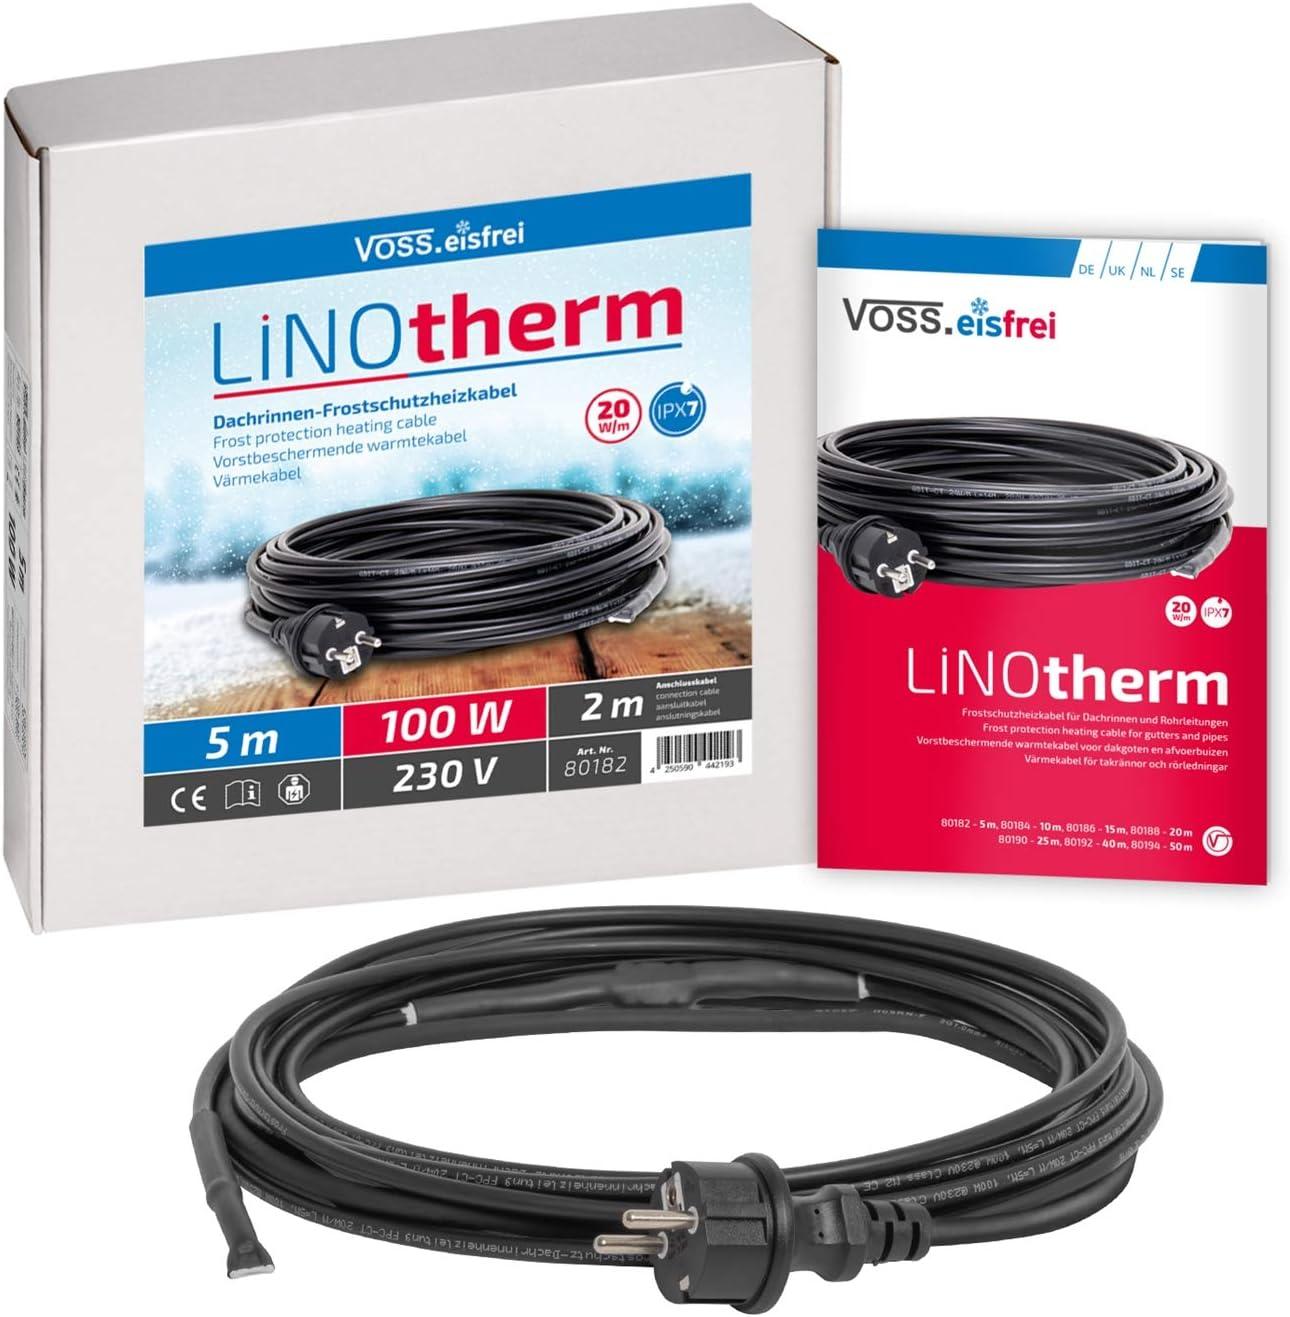 VOSS.eisfrei Heizkabel Linotherm 5 Meter lang, besonders hohe Heizleistung, Frostschutz für Dachrinnen und Wasserleitungen Rohrbegeleitheizung…